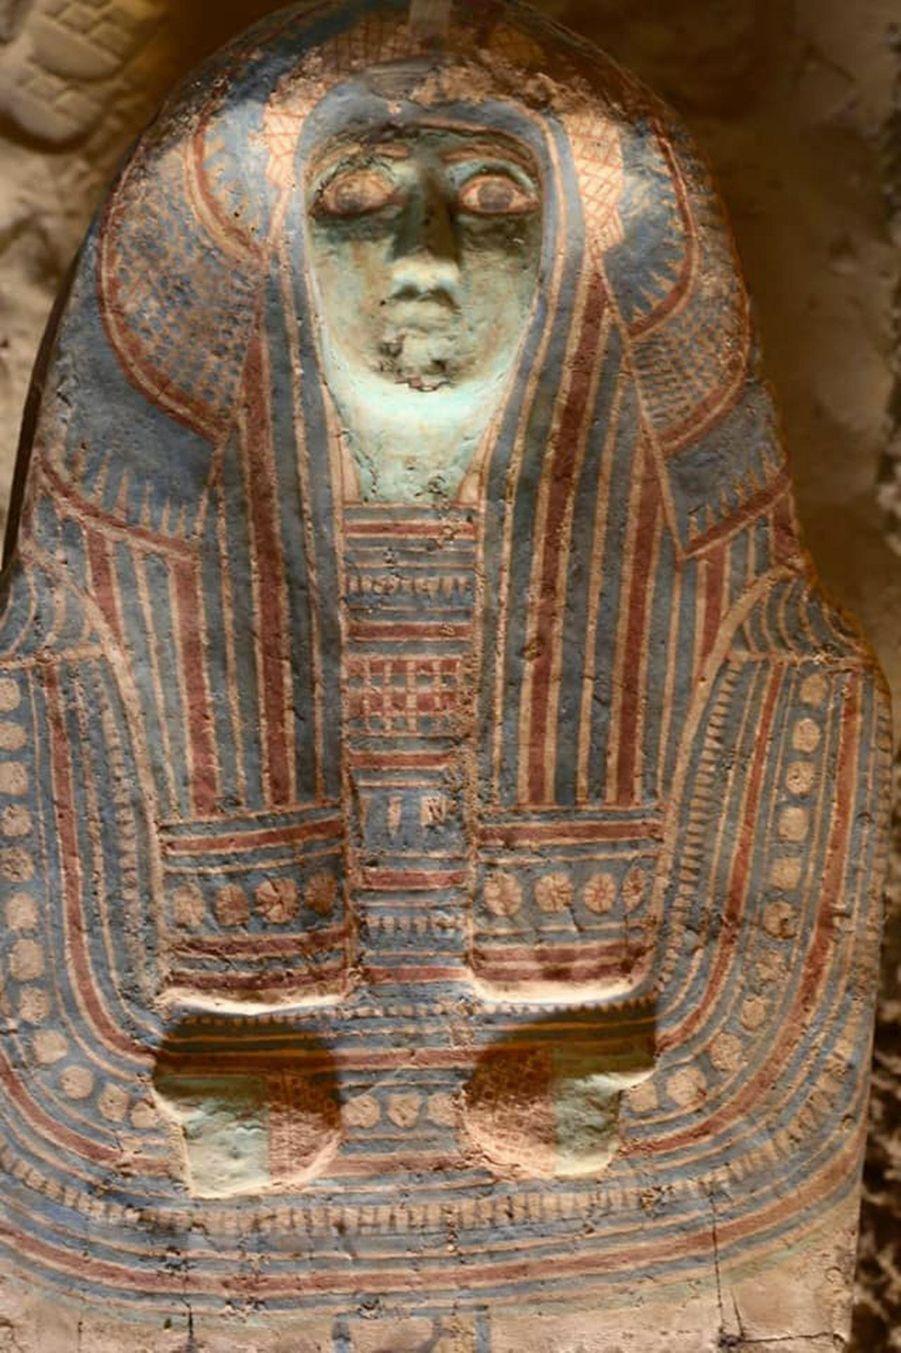 Un des quatre sarcophages de la tombe, joliment décoré.